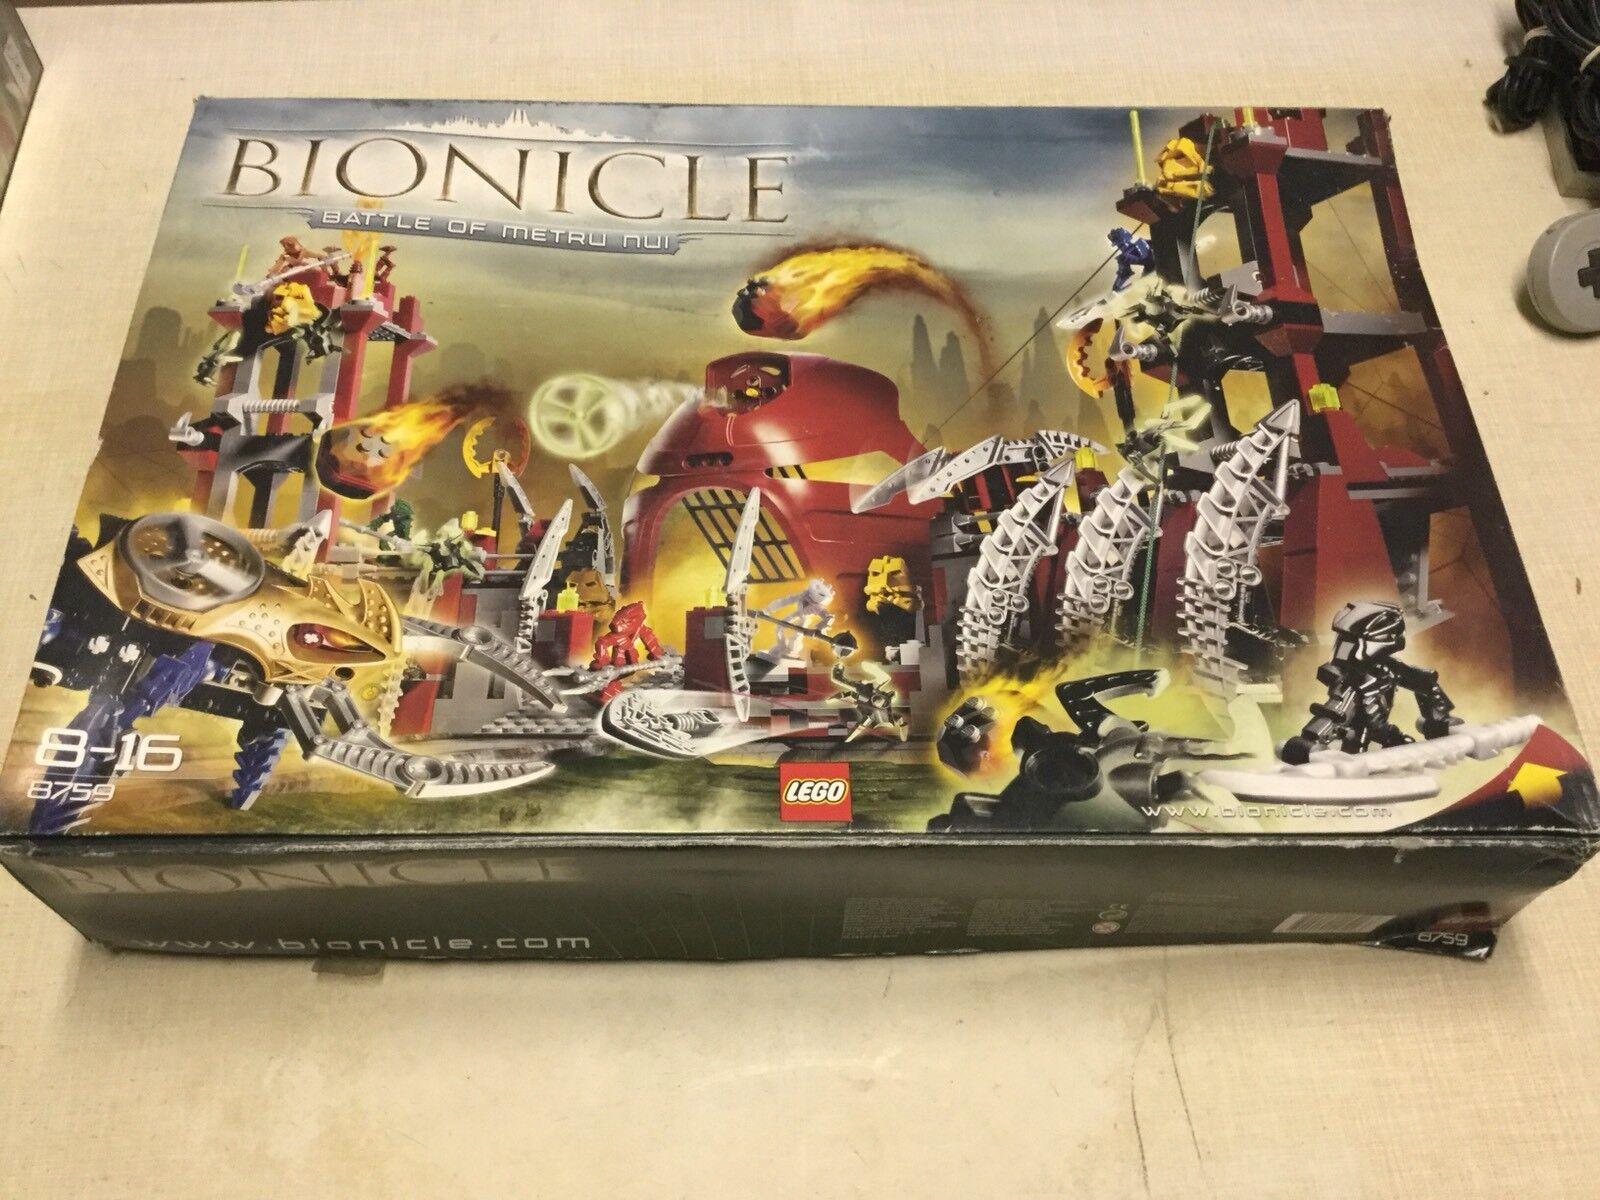 LEGO BIONICLE SET 8759 NUOVO COMPLETO SCATOLA APERTA